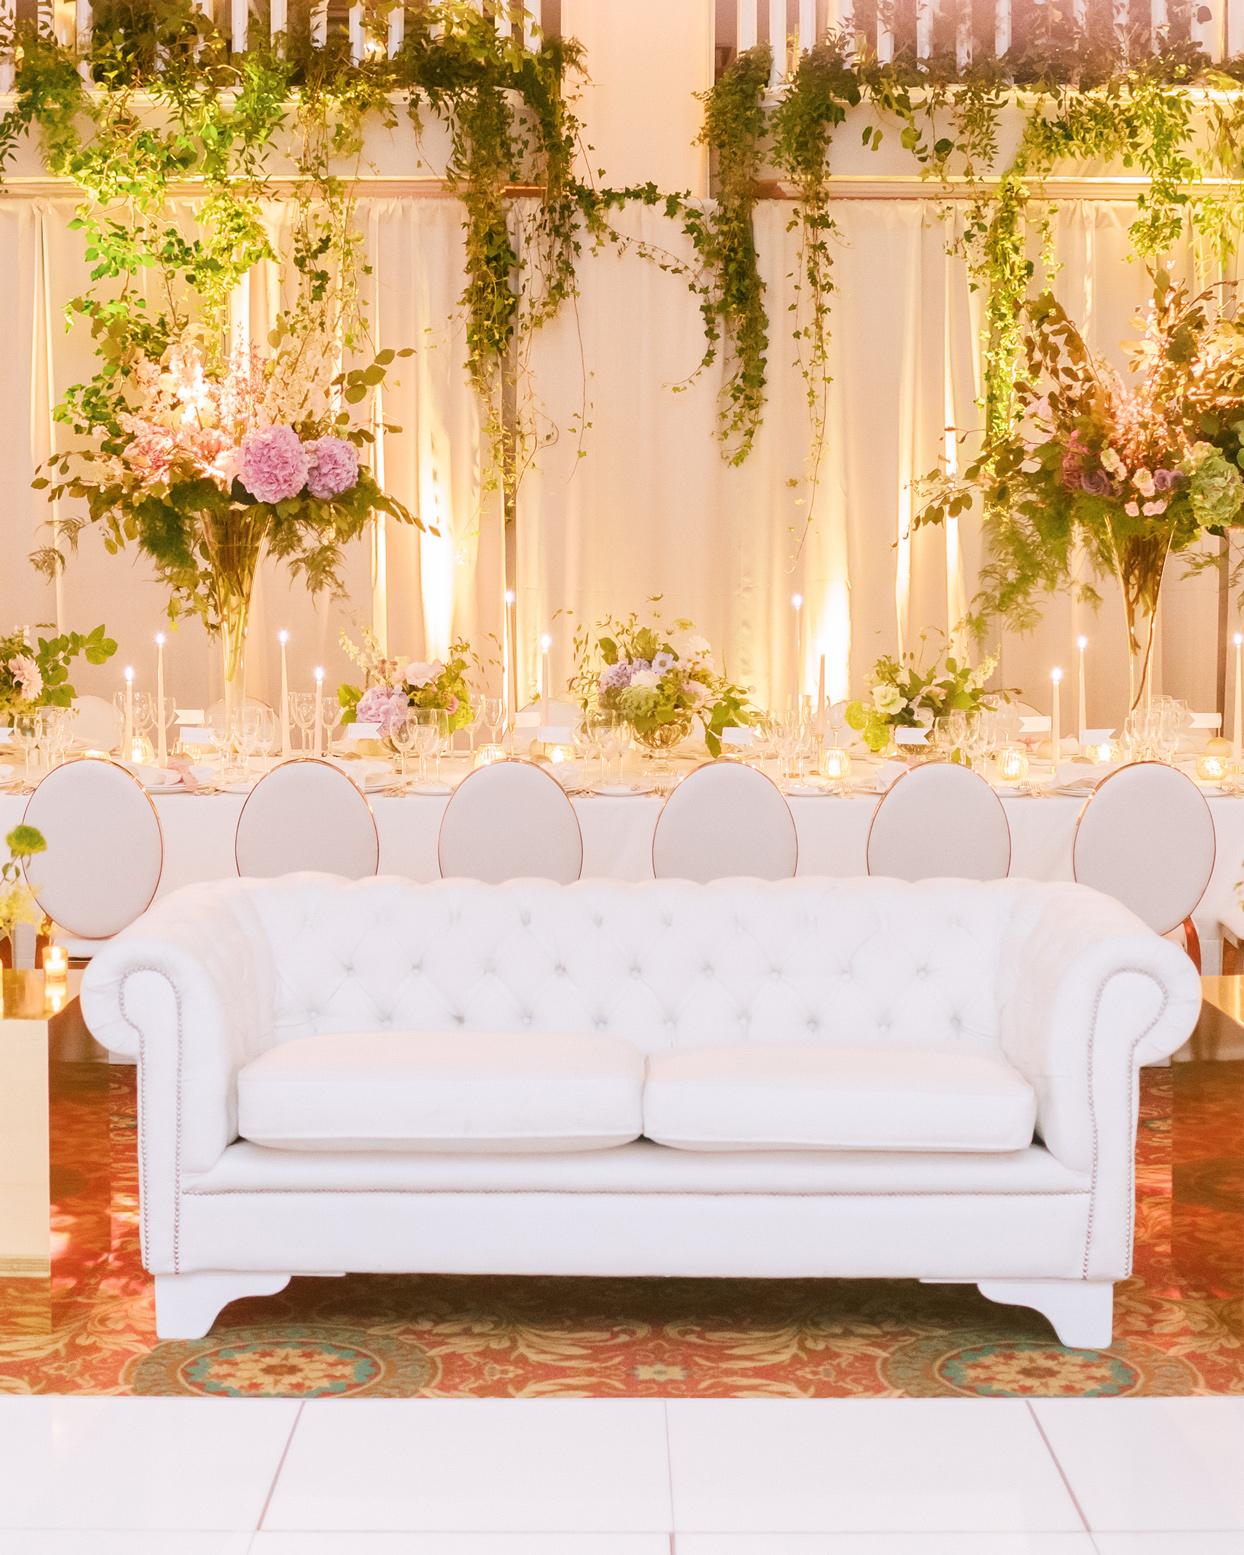 tufted white sofa lounge area